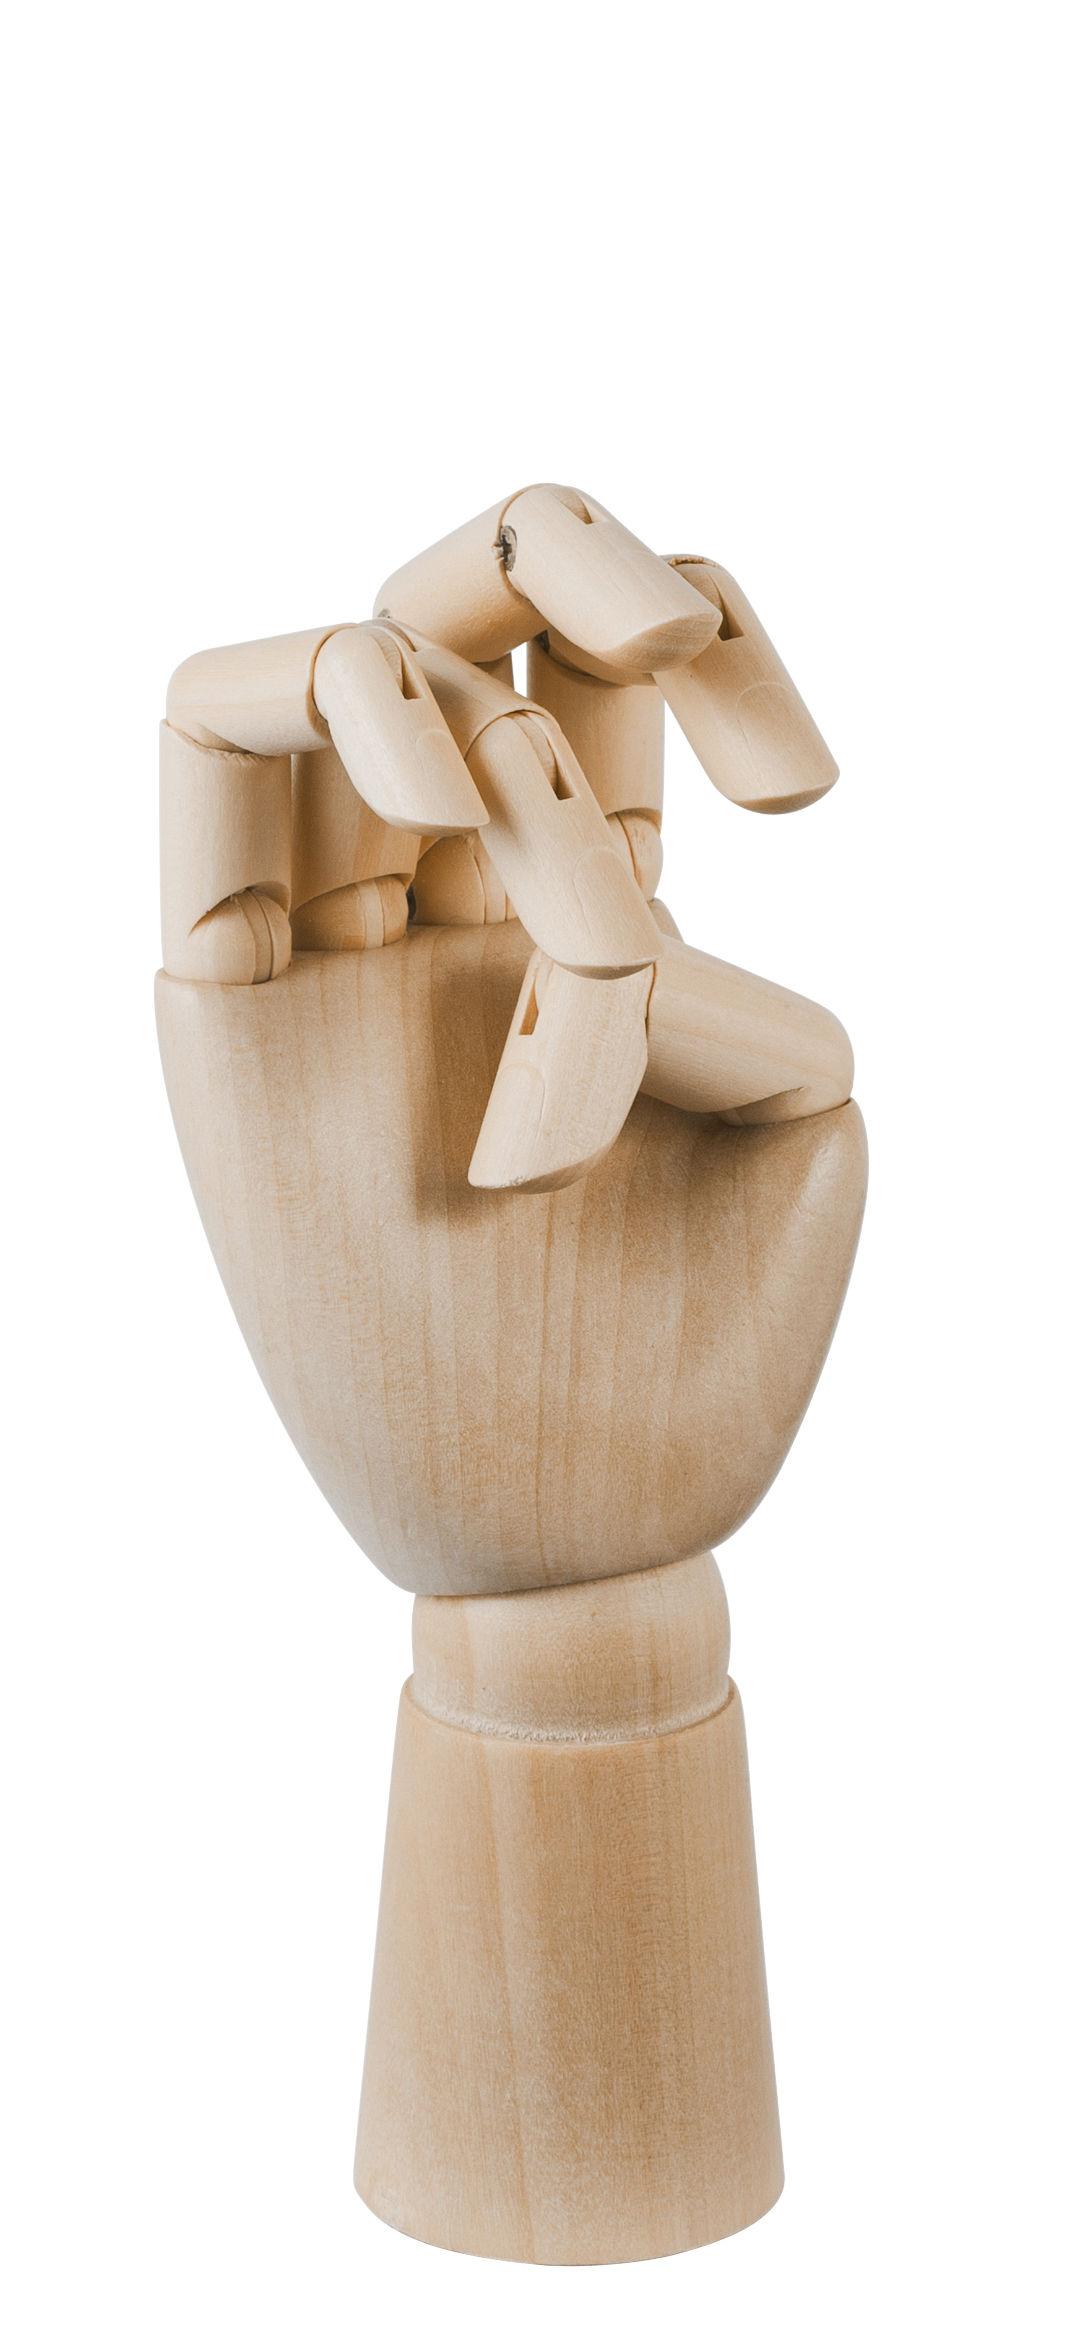 Dekoration - Dekorationsartikel - Wooden Hand Small Dekoration / H 13,5 cm - Holz - Hay - H 13,5 cm / Holz natur - Bois naturel